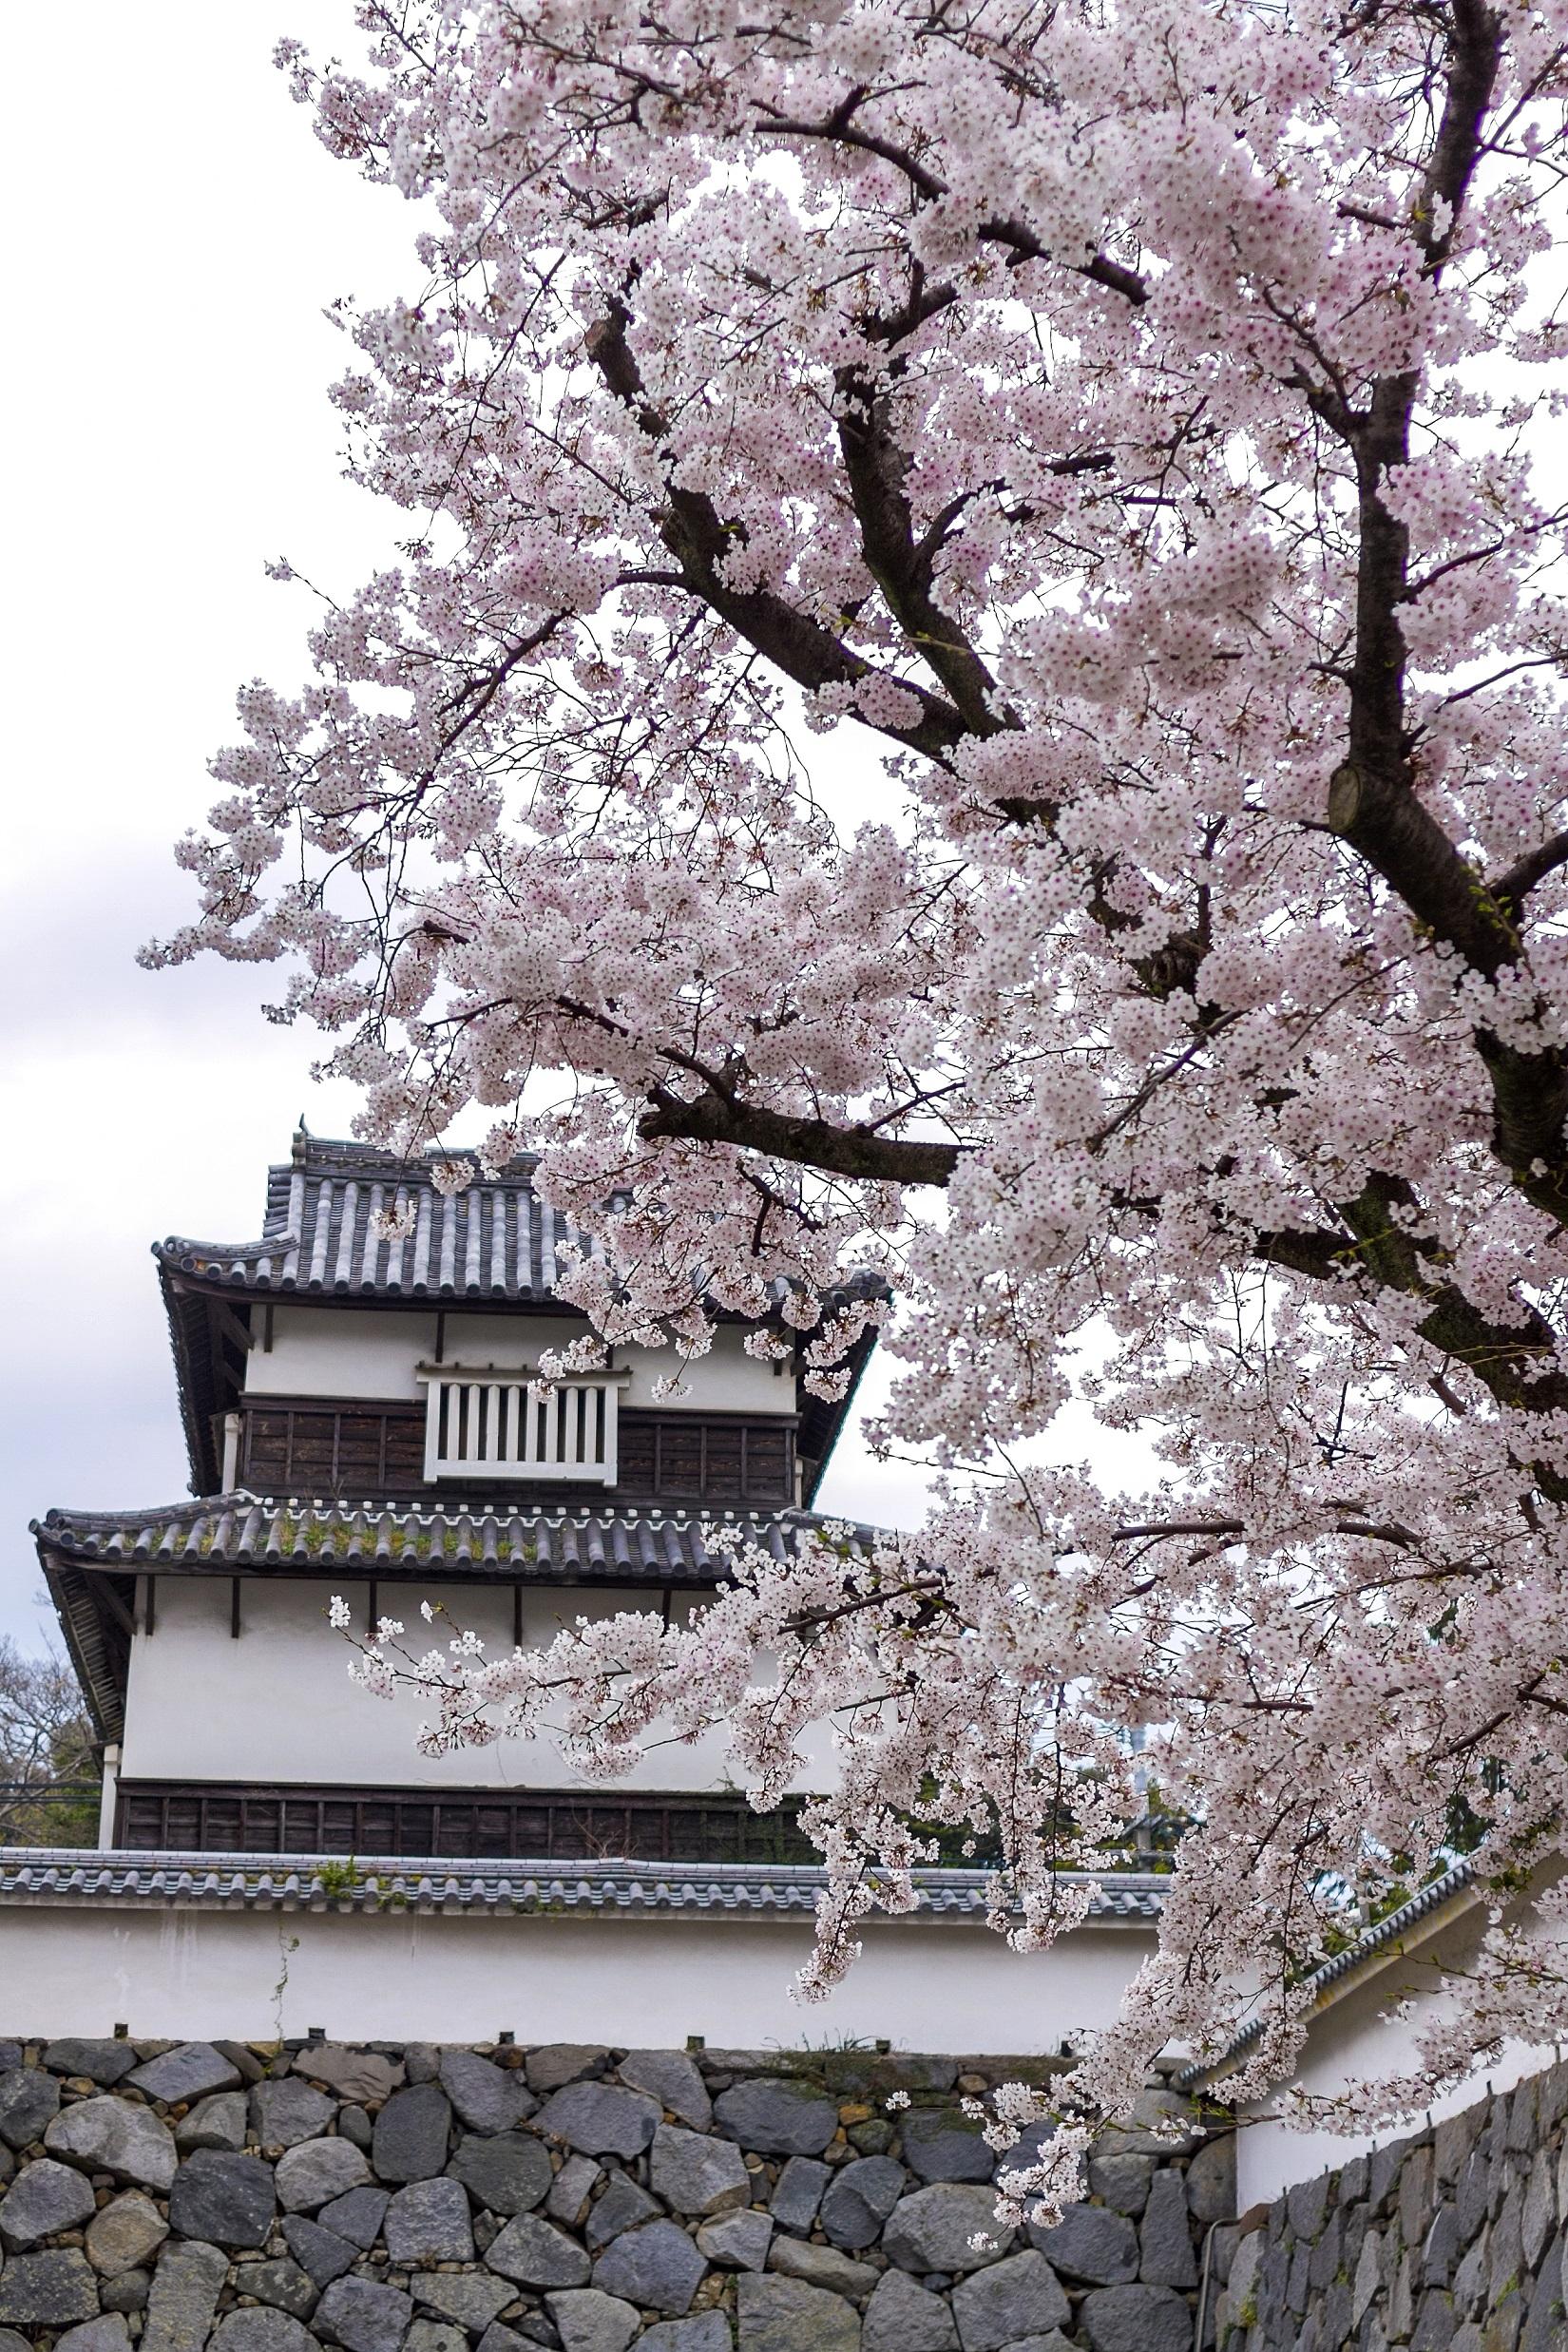 舞鶴公園・桜 福岡城さくらまつり(2015)の画像